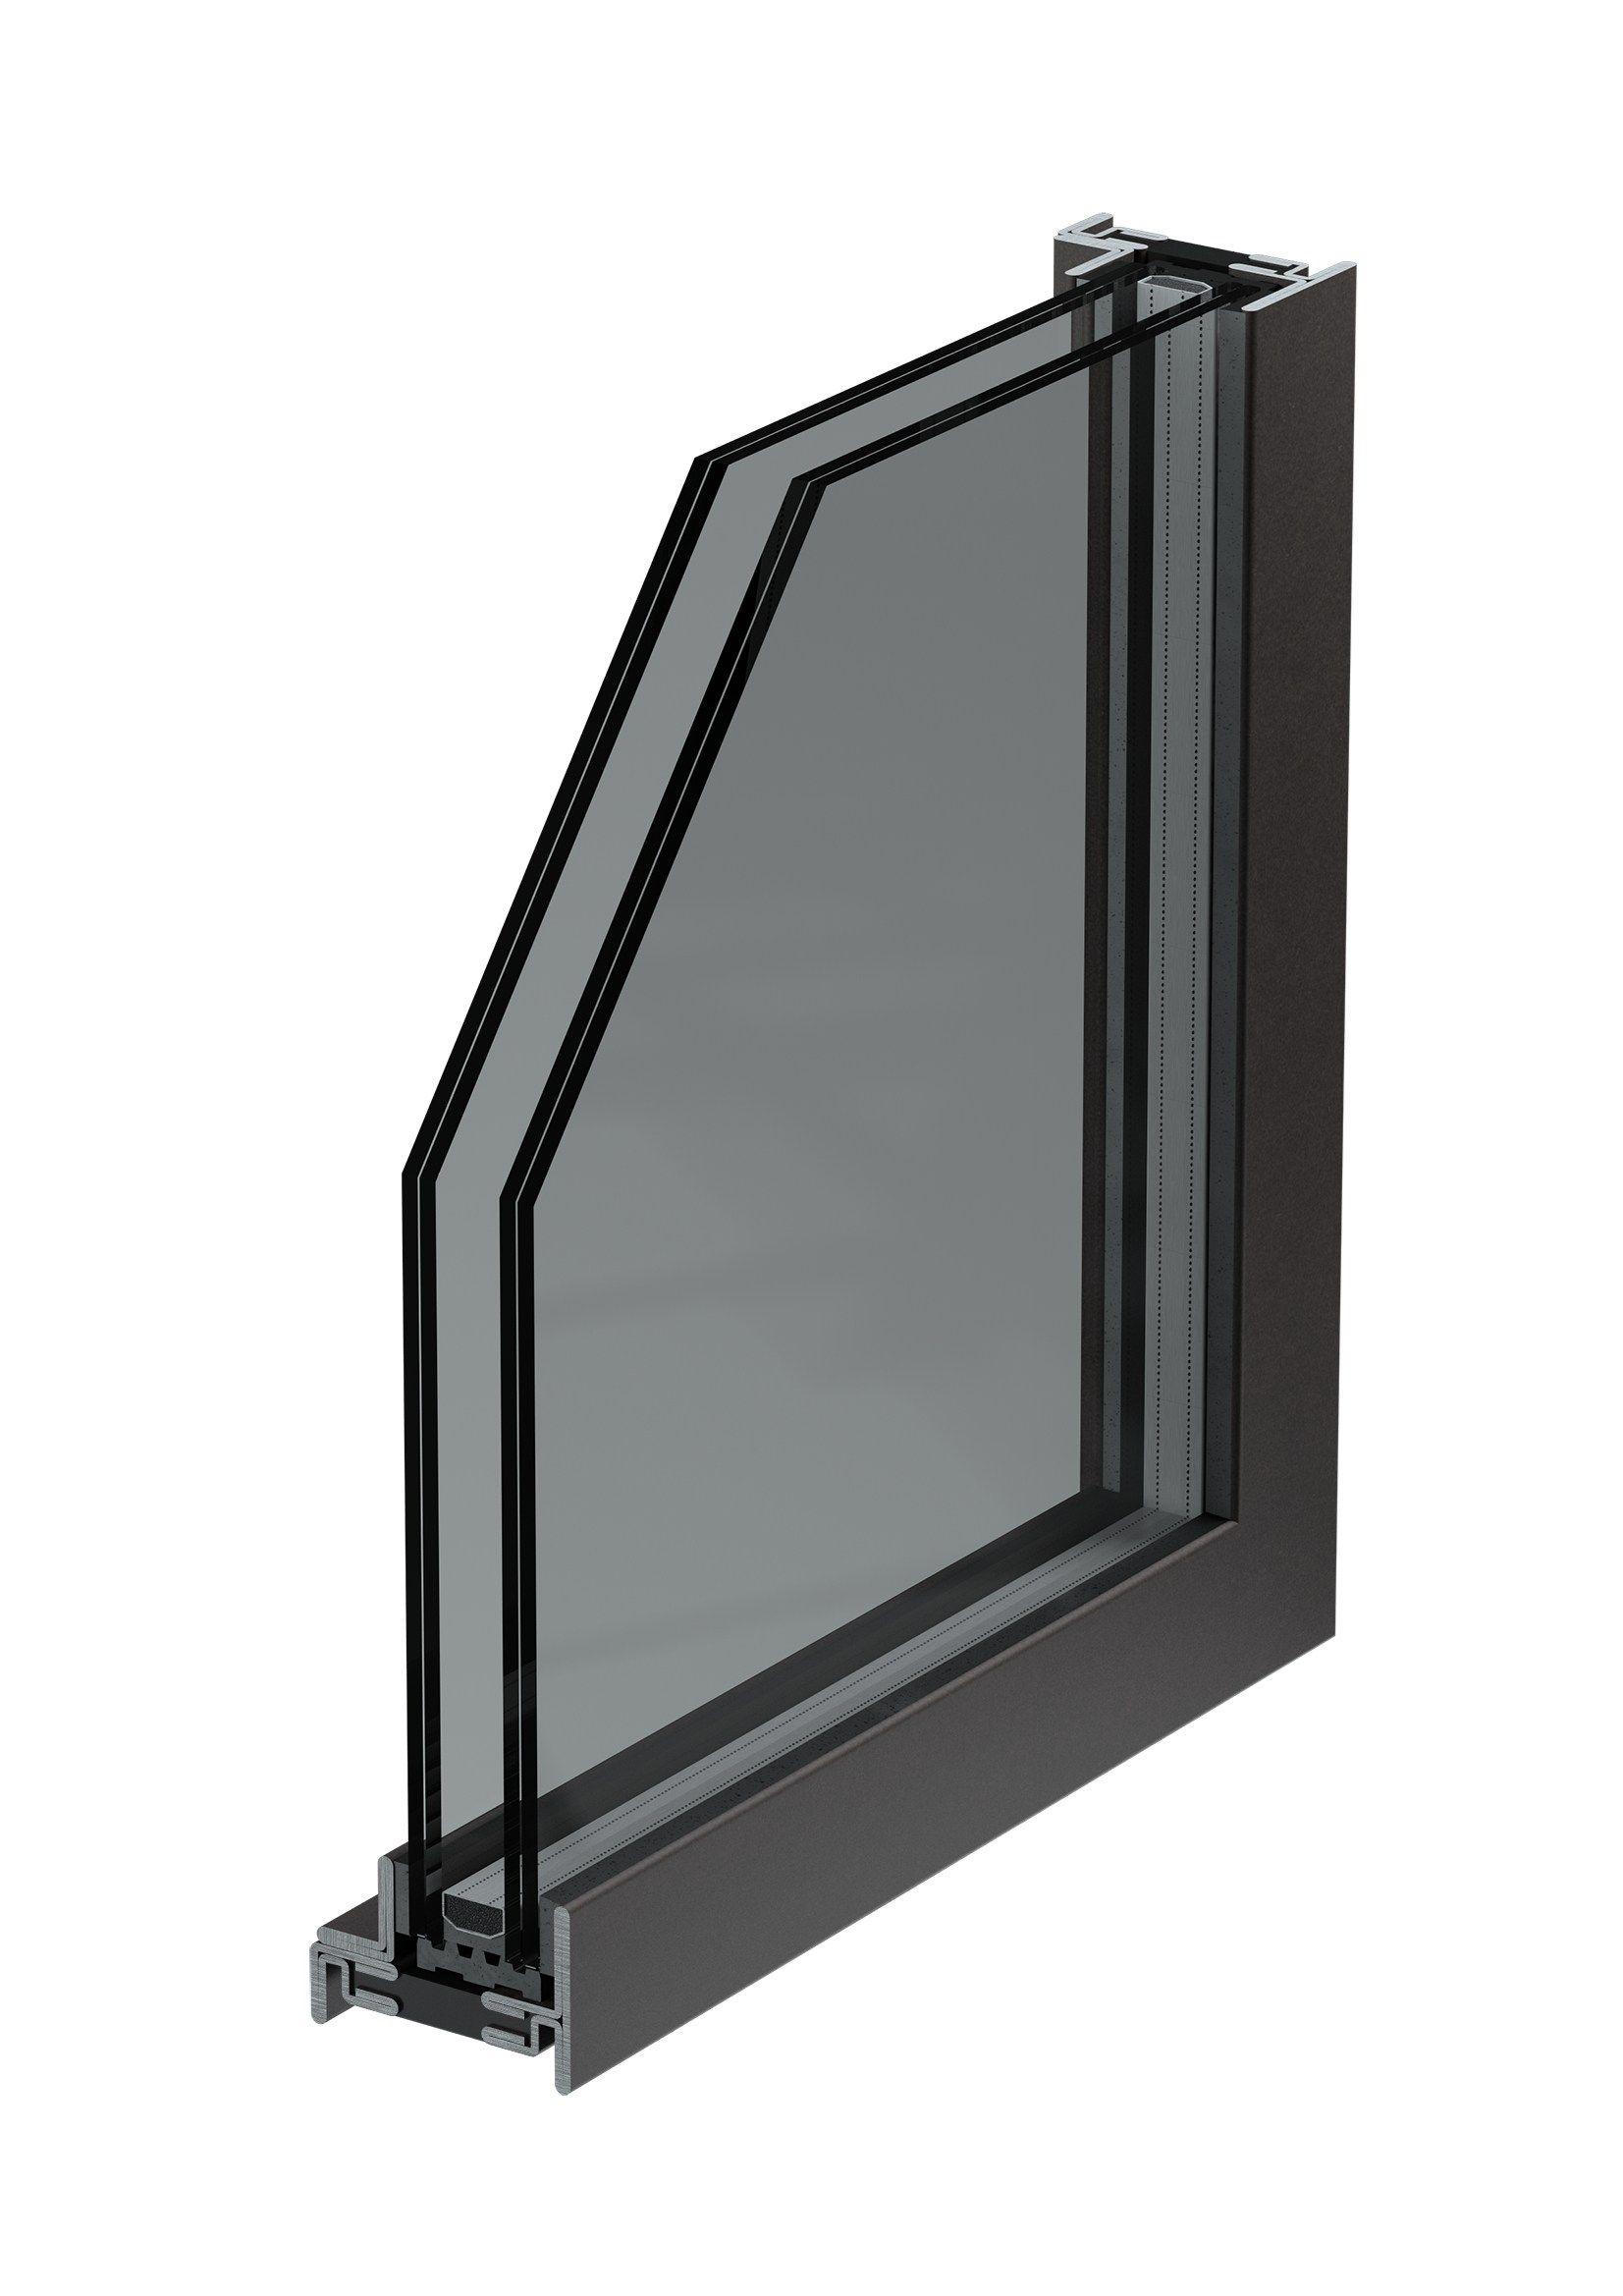 Ferrofinestra taglio termico porta finestra scorrevole by - Porta finestra scorrevole ...